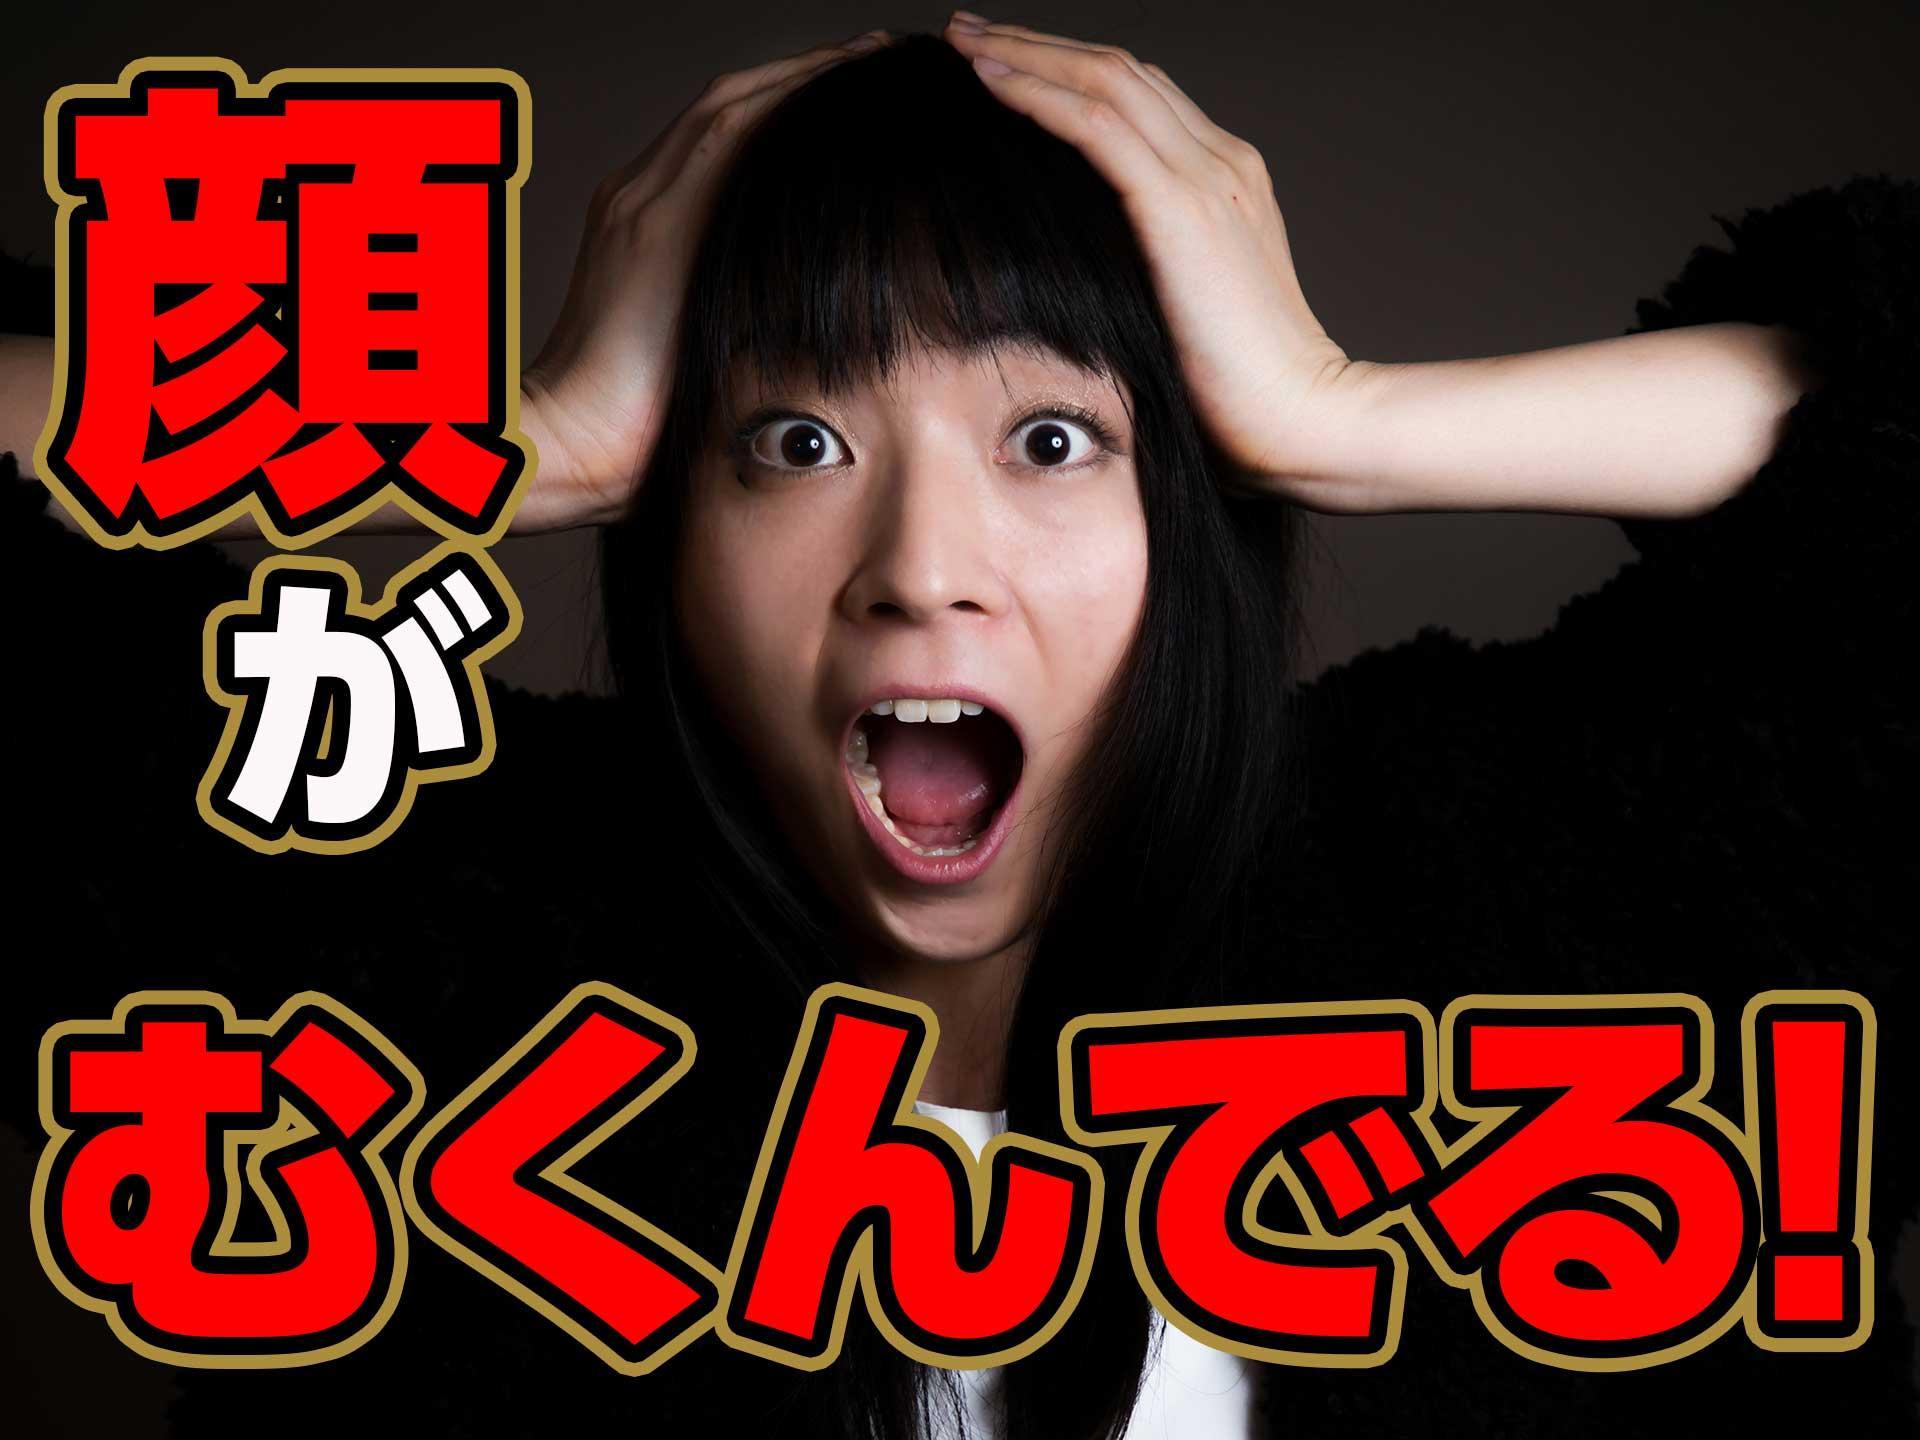 顔のむくみを解消する簡単マッサージ術|町田deマッサージ!